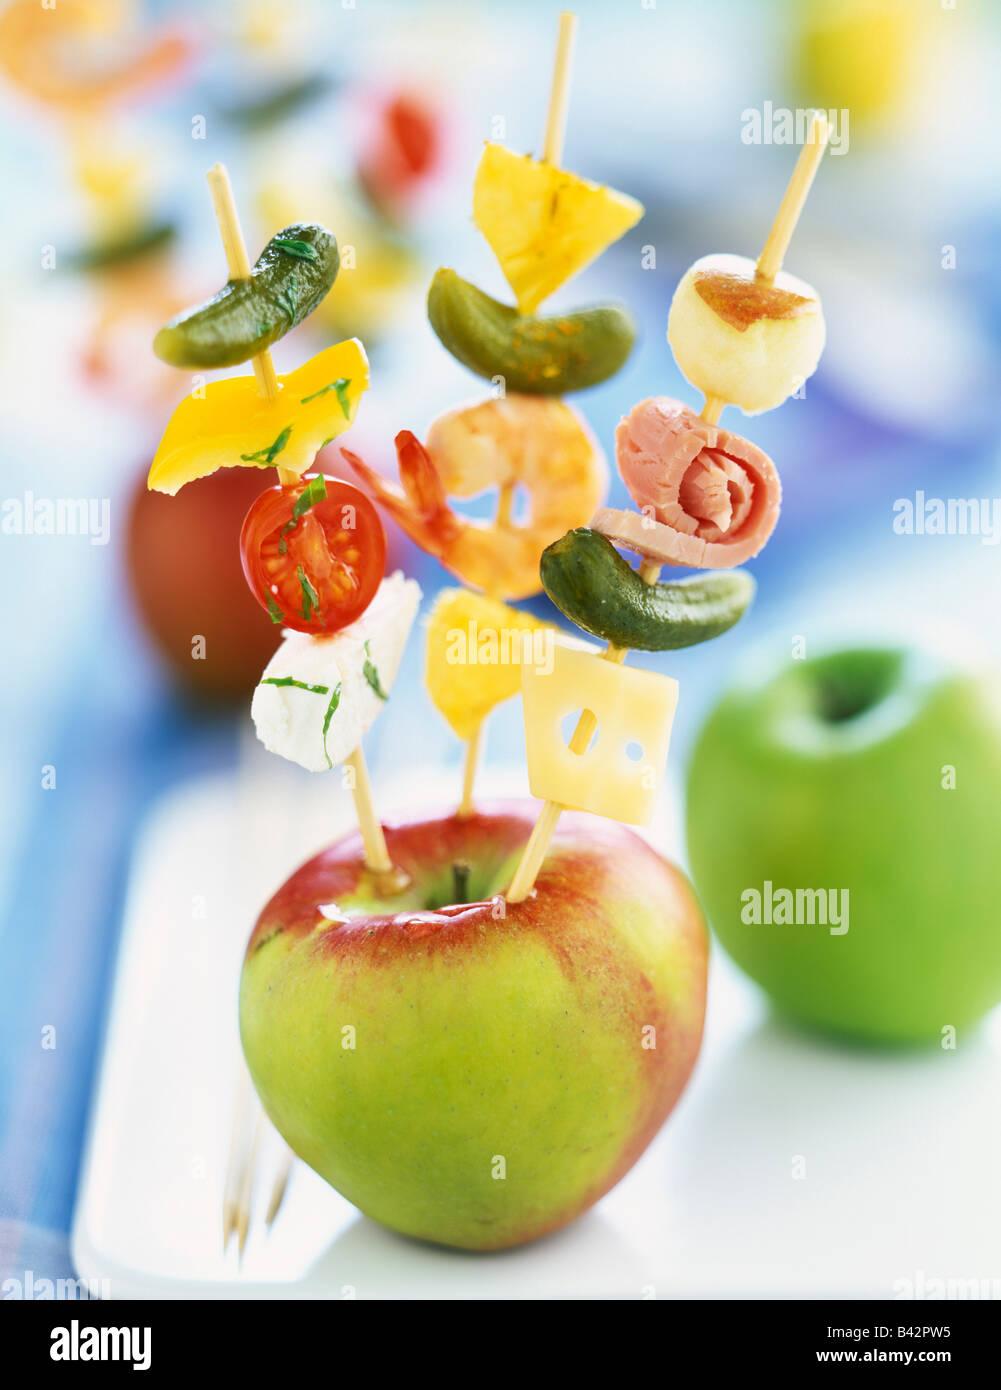 Aperitif-Spieße stach in einen Apfel Stockbild